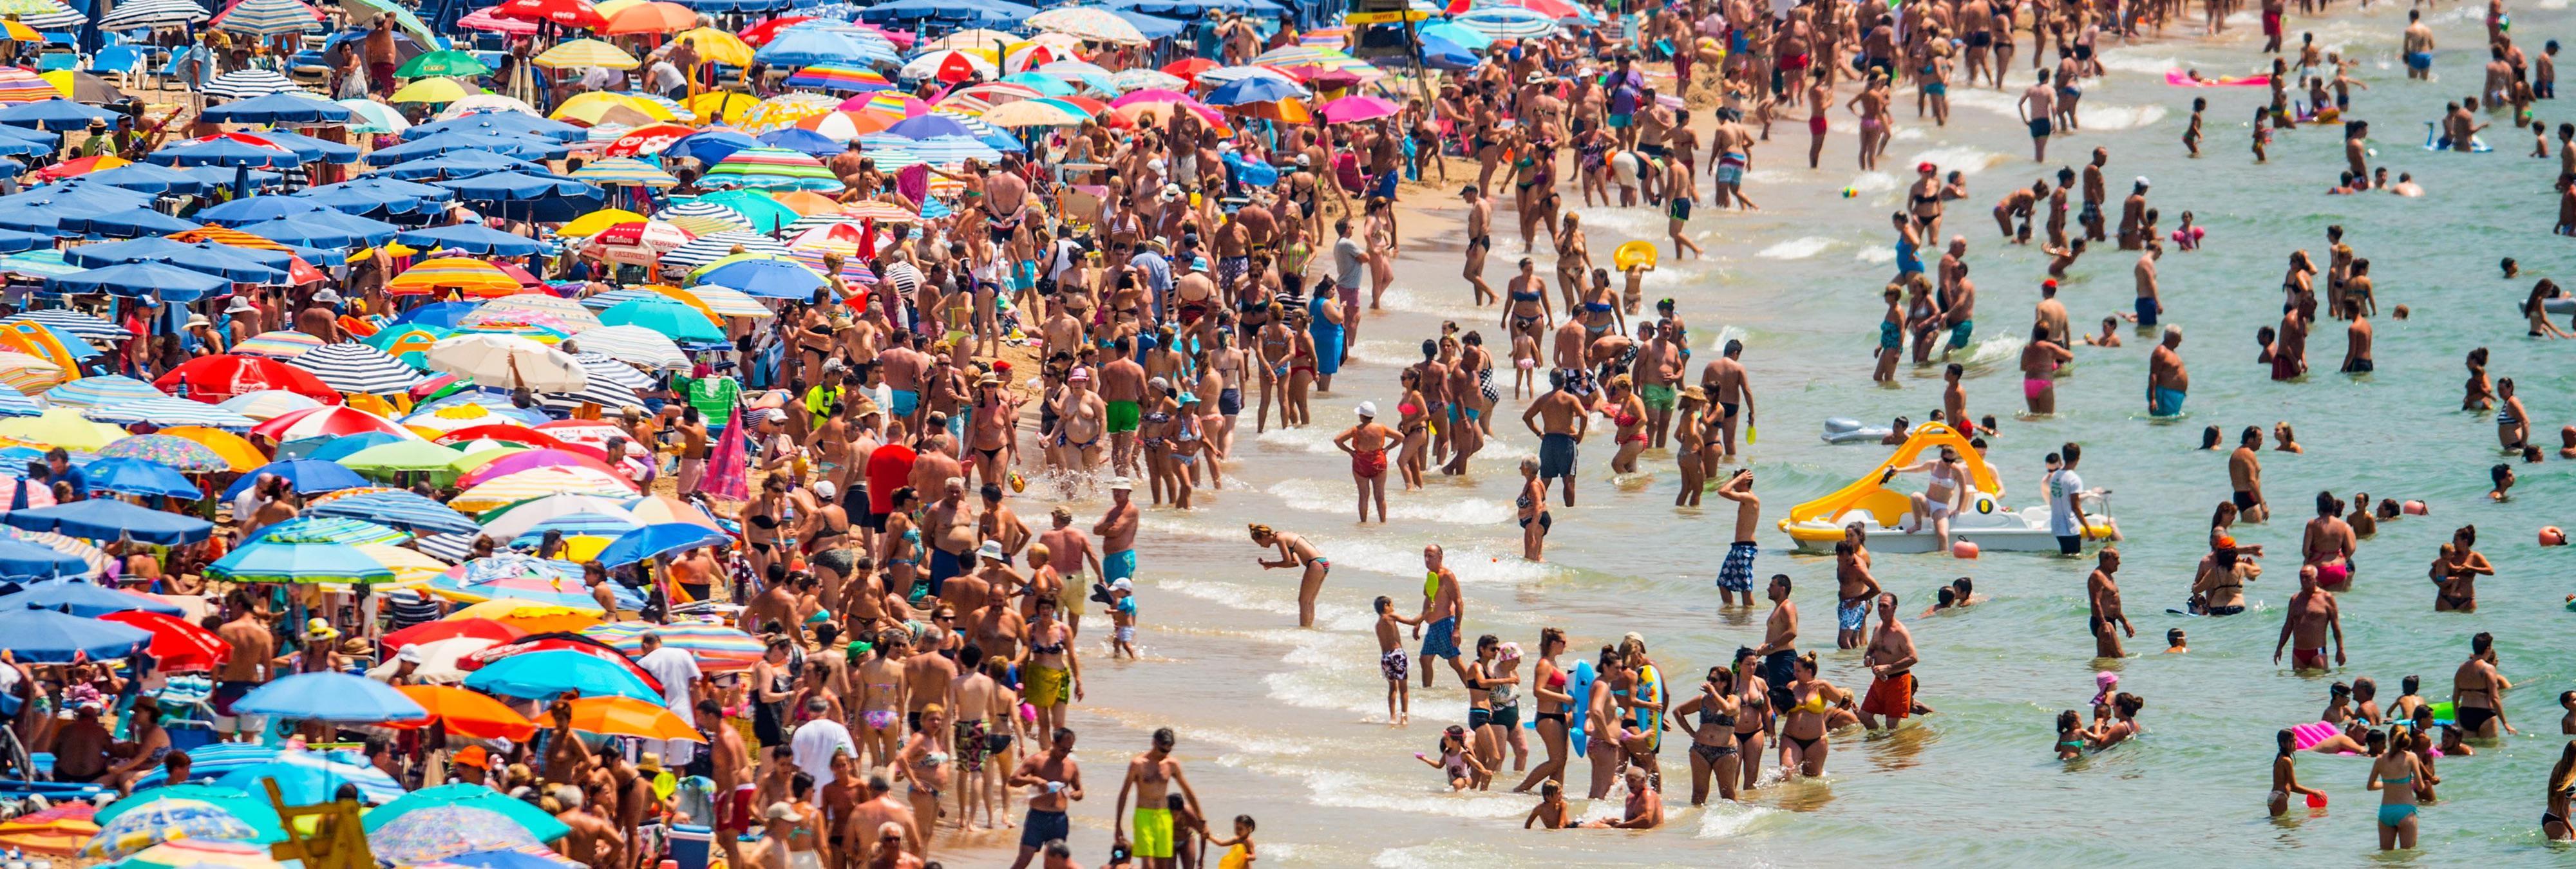 España se prepara para un verano de oro mientras los turistas evitan el Zika y el terrorismo